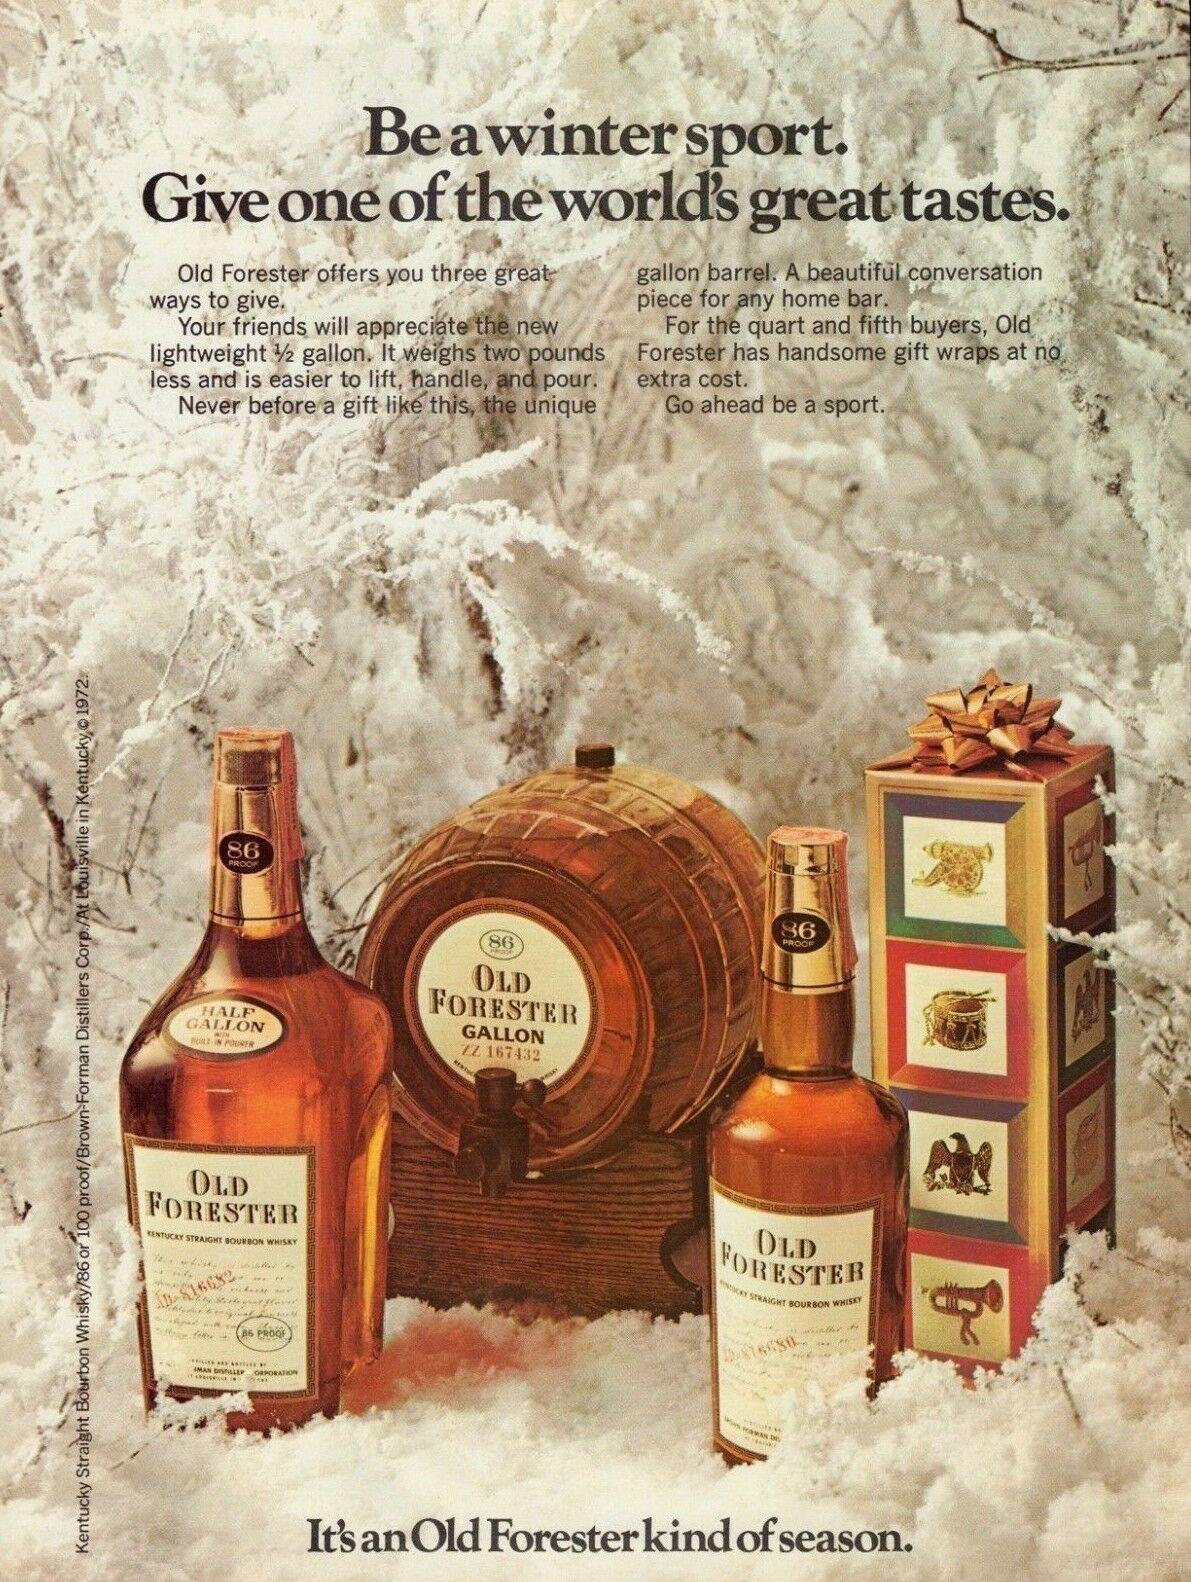 1972 Old Forester Bourbon Whisky Gallon Barrel Bottles Christmas Print Ad Ebay Print Ads Whisky Bottle